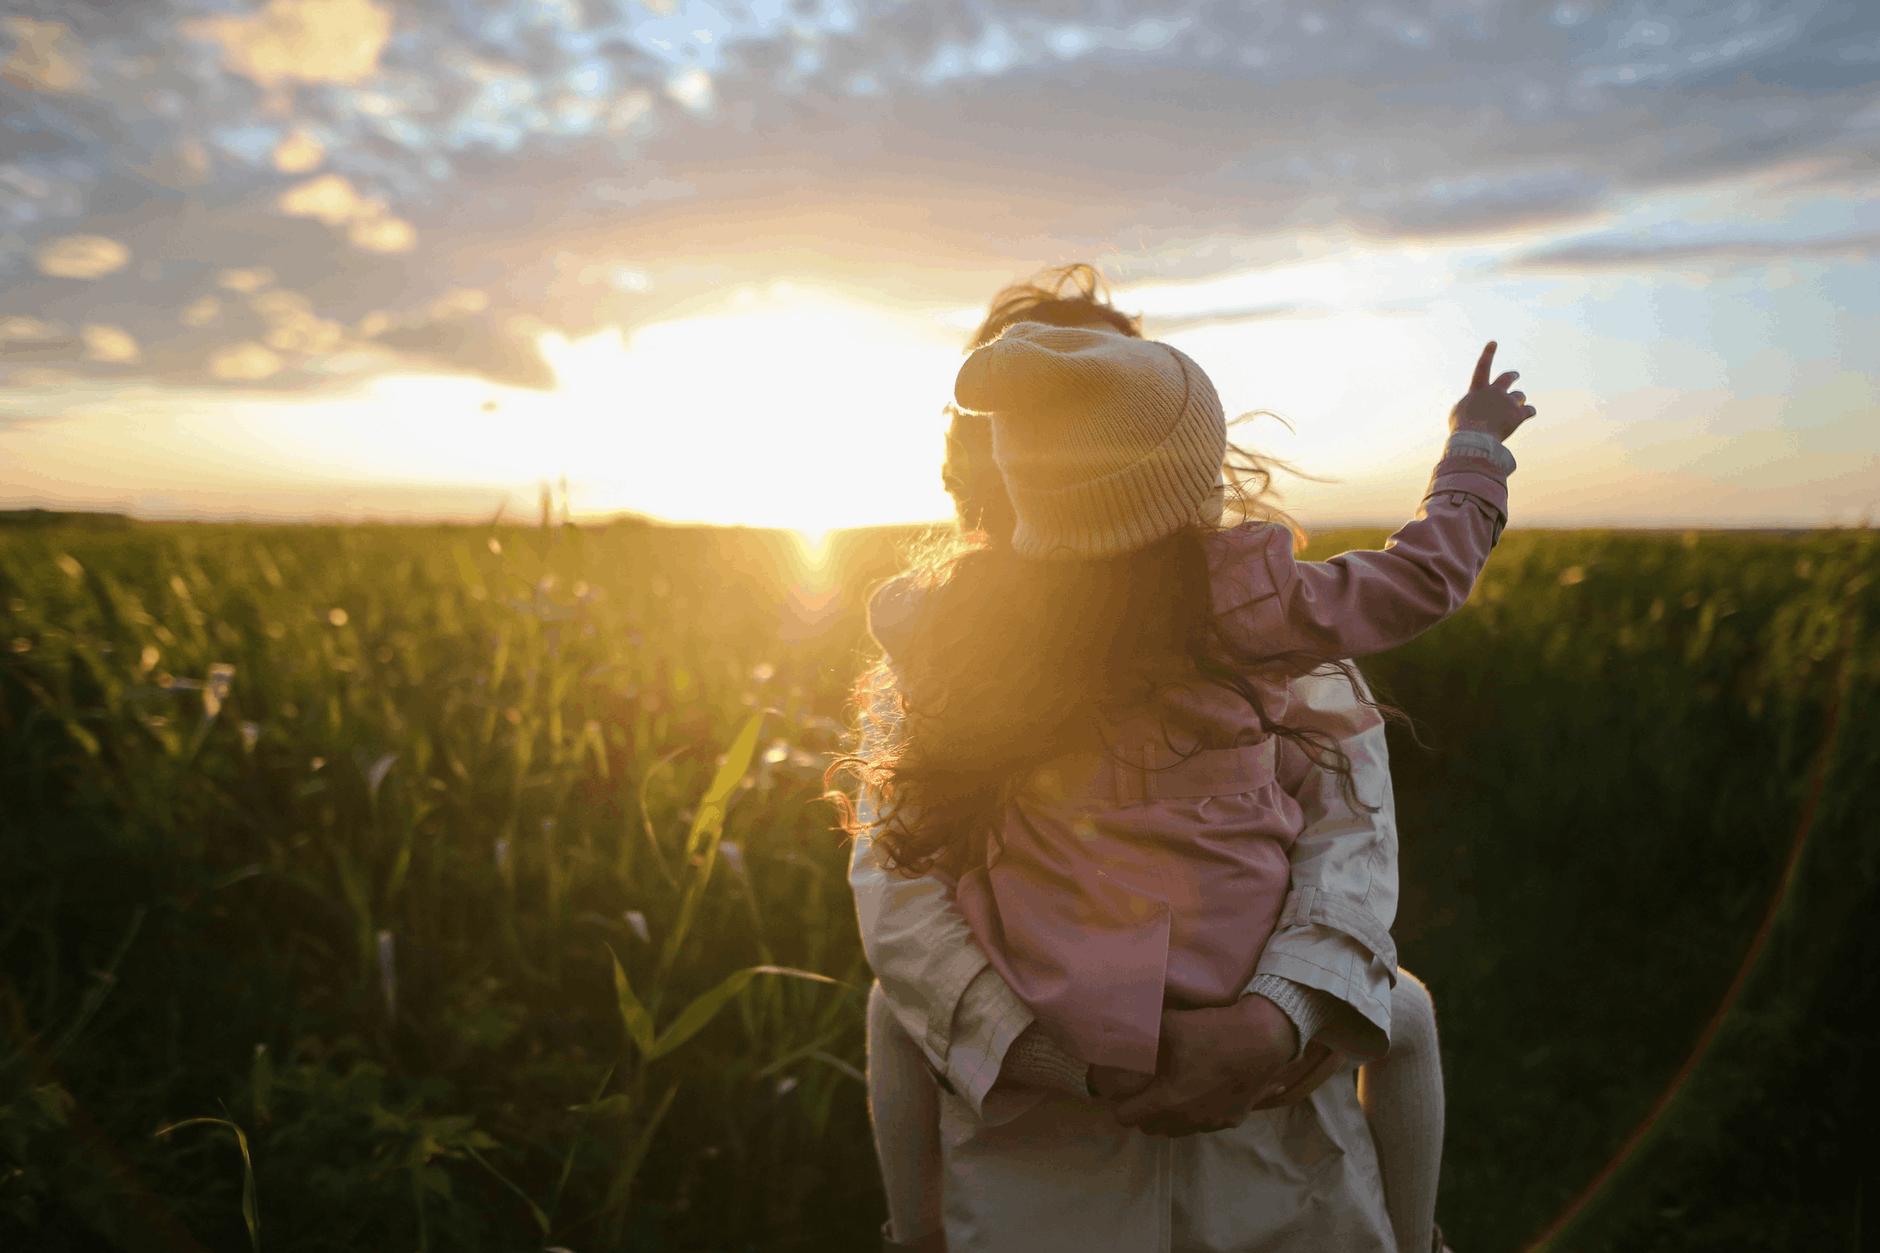 Terapia Di Sostegno.Terapia Di Sostegno Alla Genitorialita Faenza Dr Ssa Carli